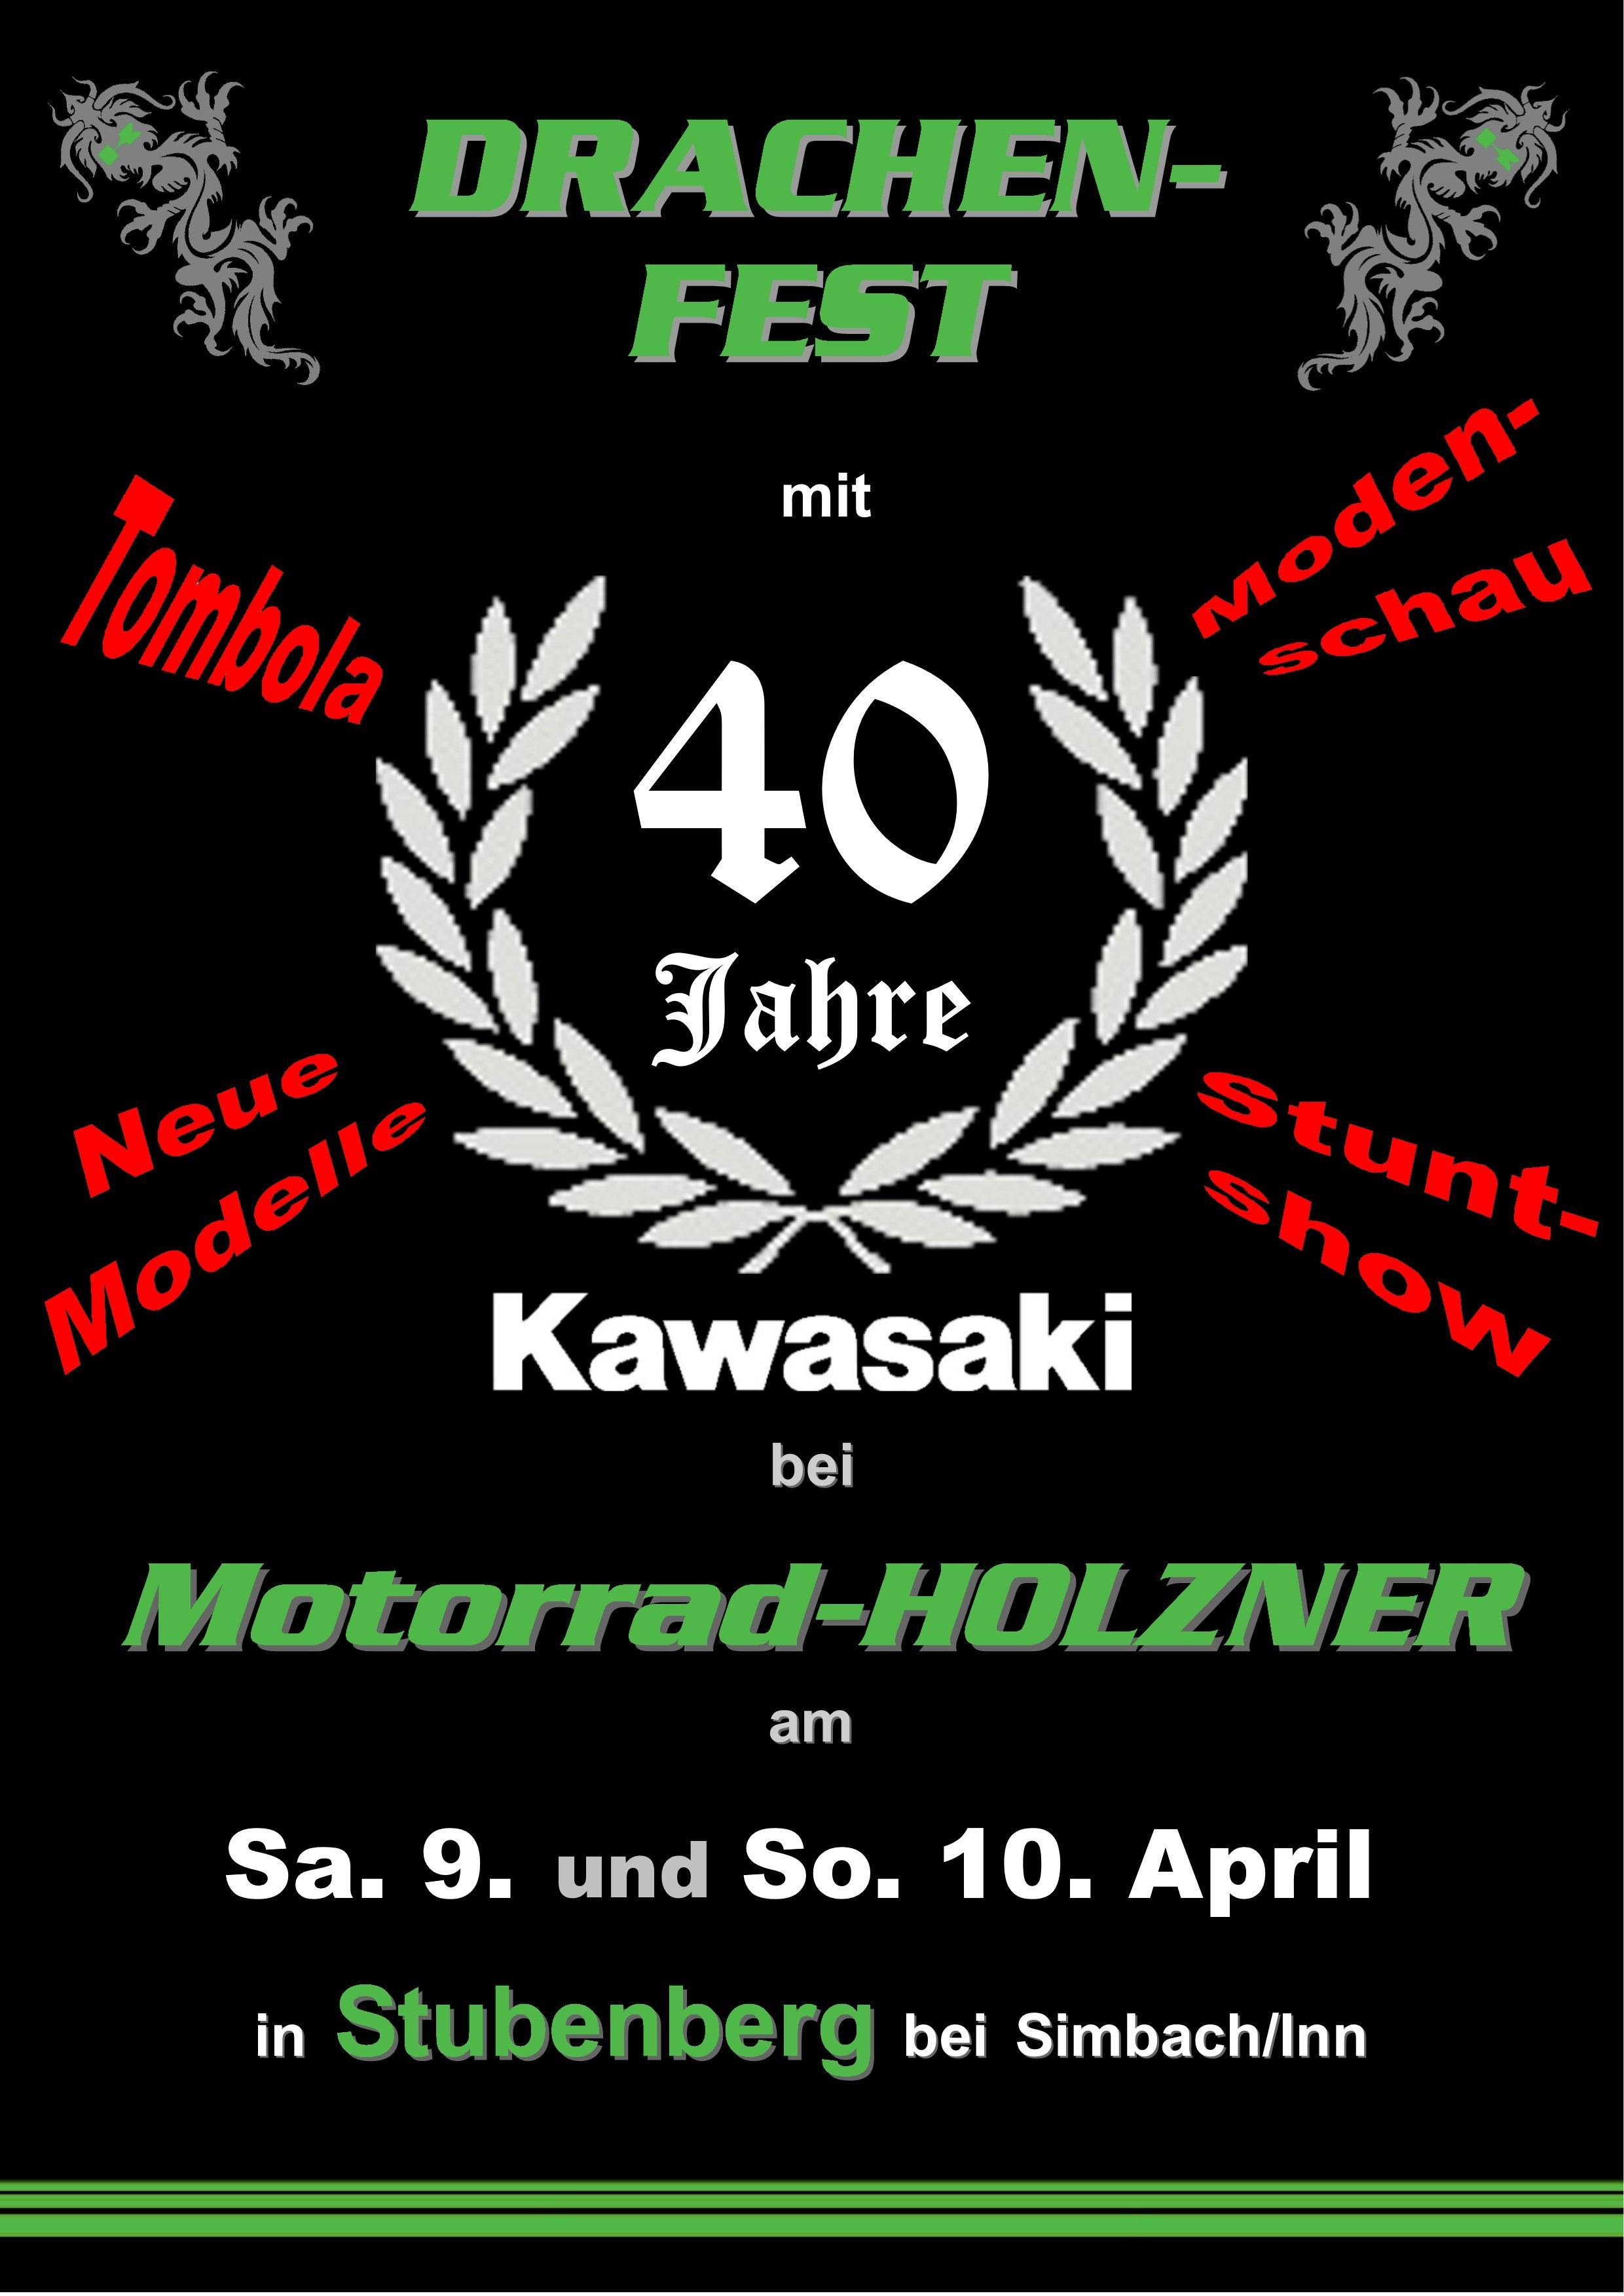 2016 Drachenfest Mit 40 Jahre Kawasaki Bei Motorrad HOLZNER